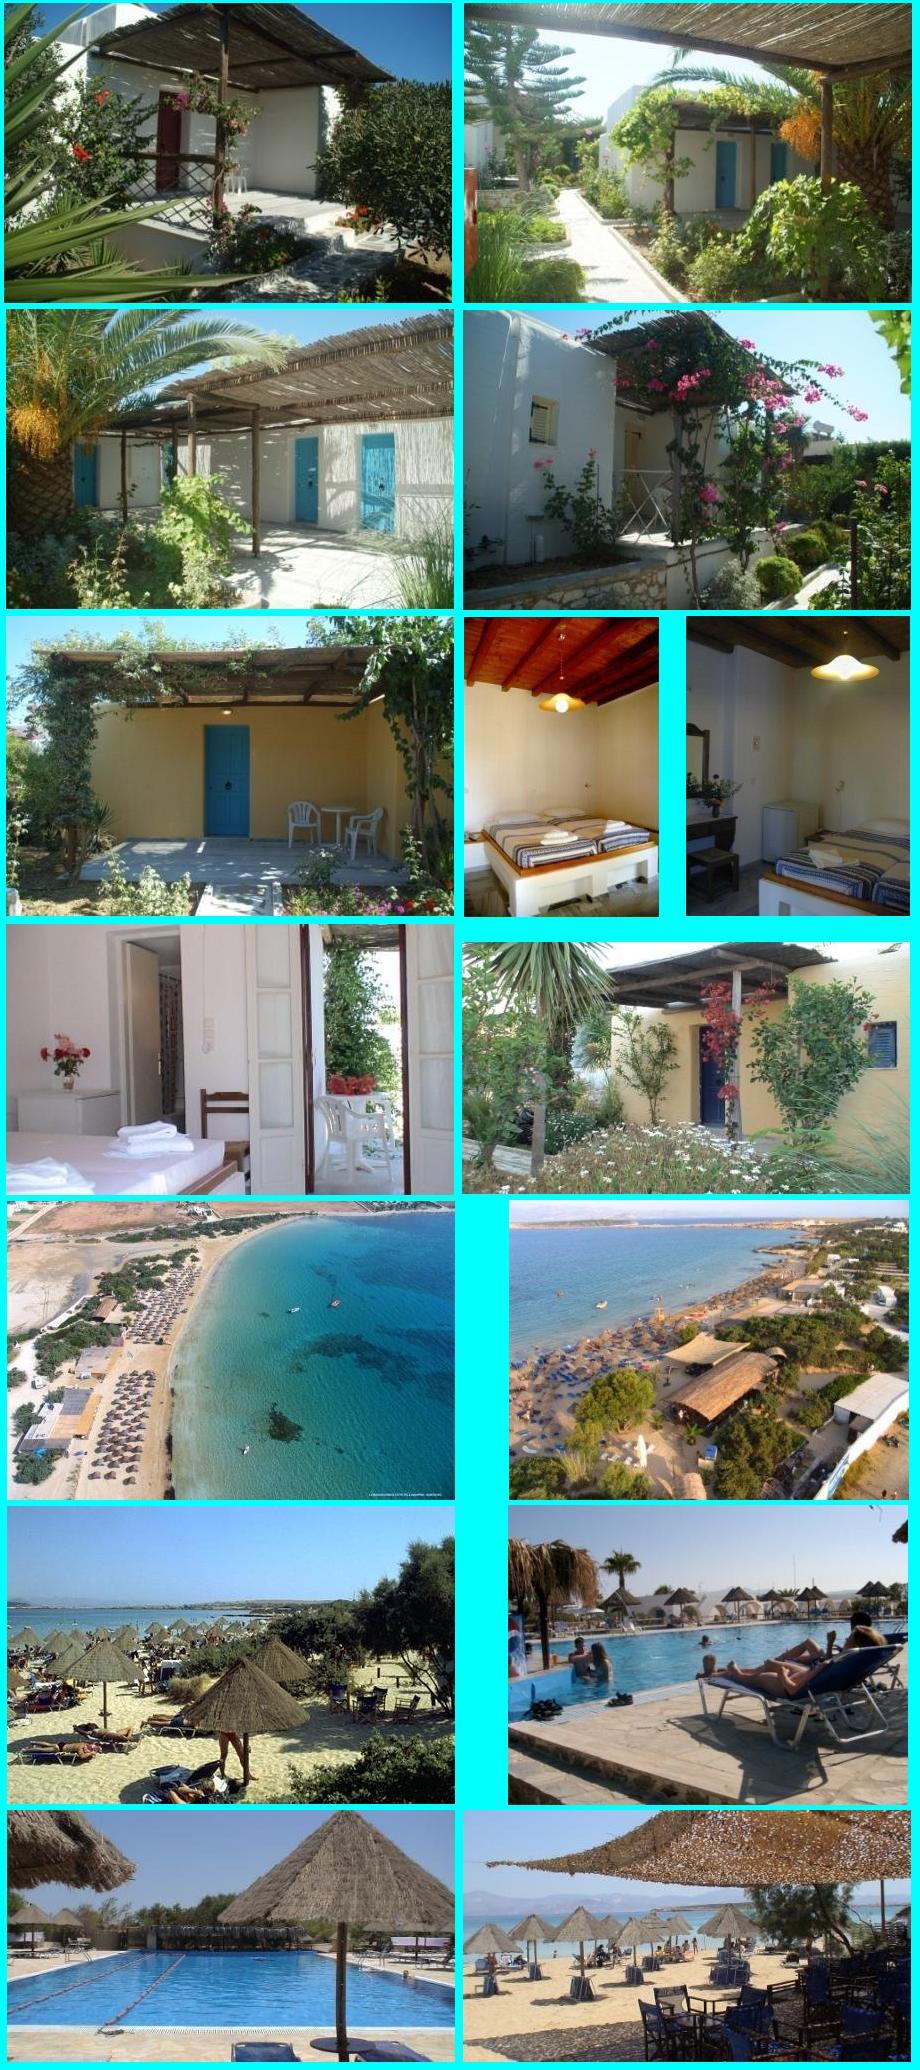 Paros Hotels: Surfing Beach Village Paros - Santa Maria Beach (even buiten Naoussa) - ook voor duikers, goede beoordelingen